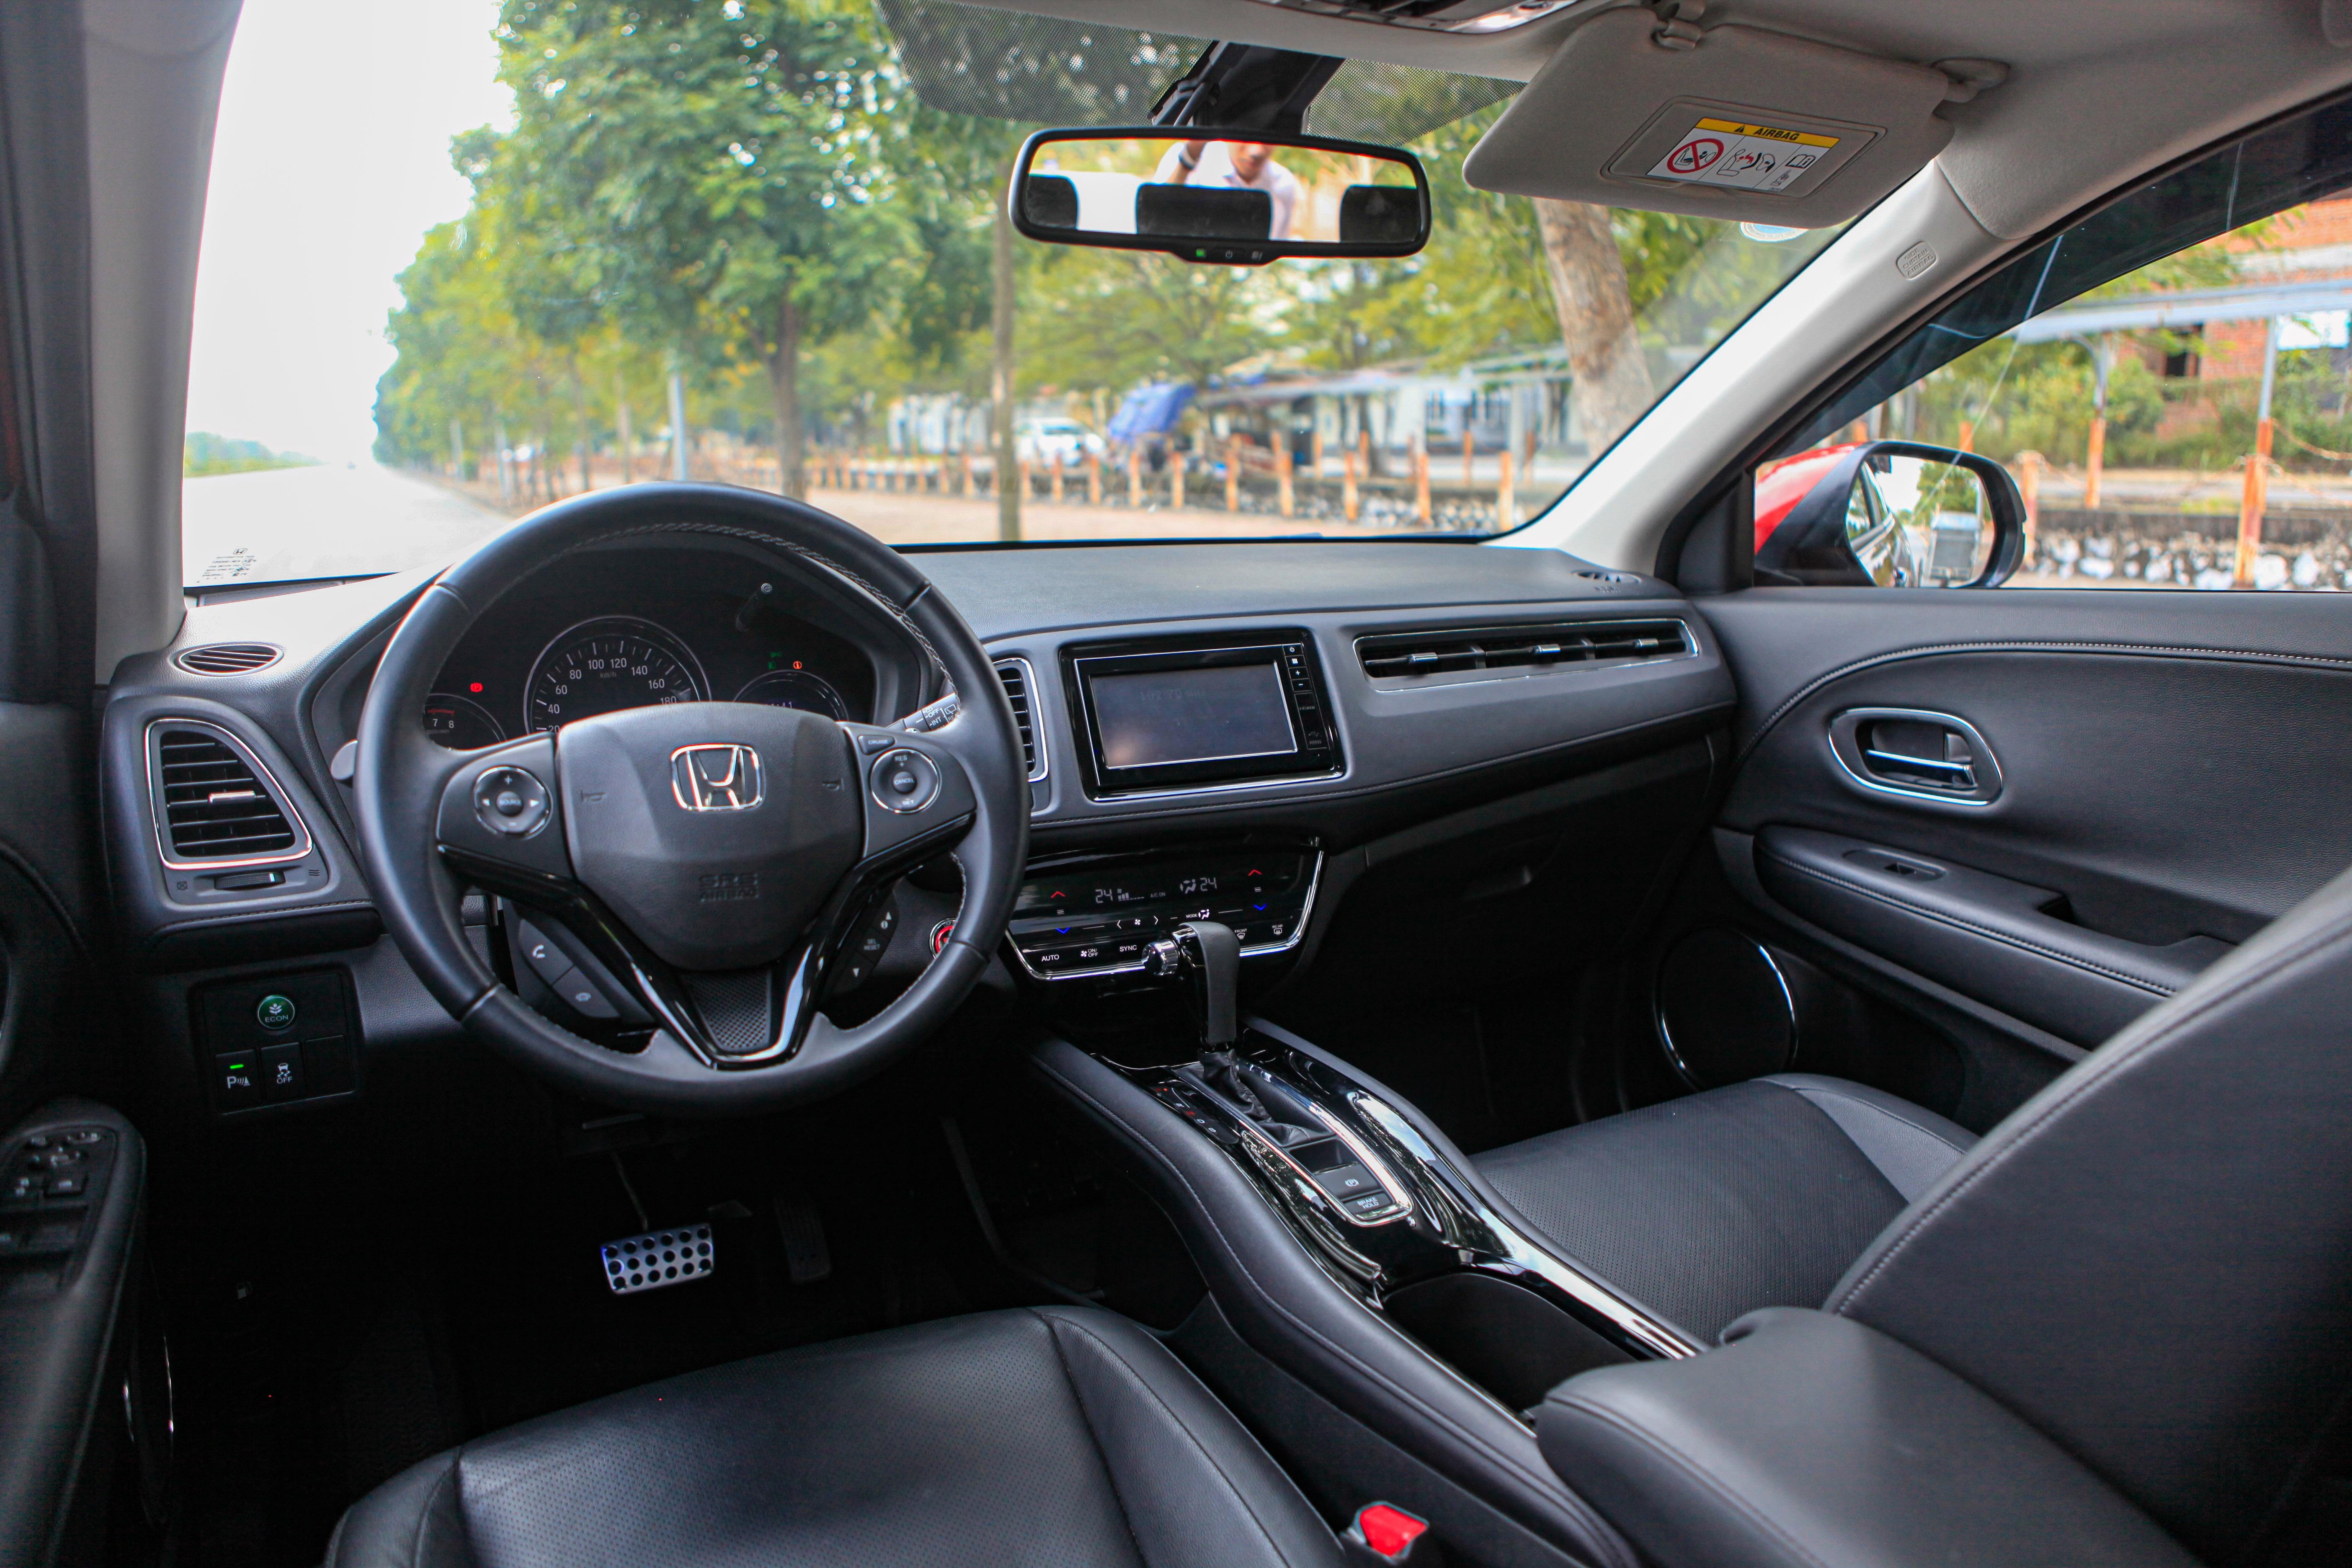 So sanh Mazda CX-30 va Honda HR-V anh 12